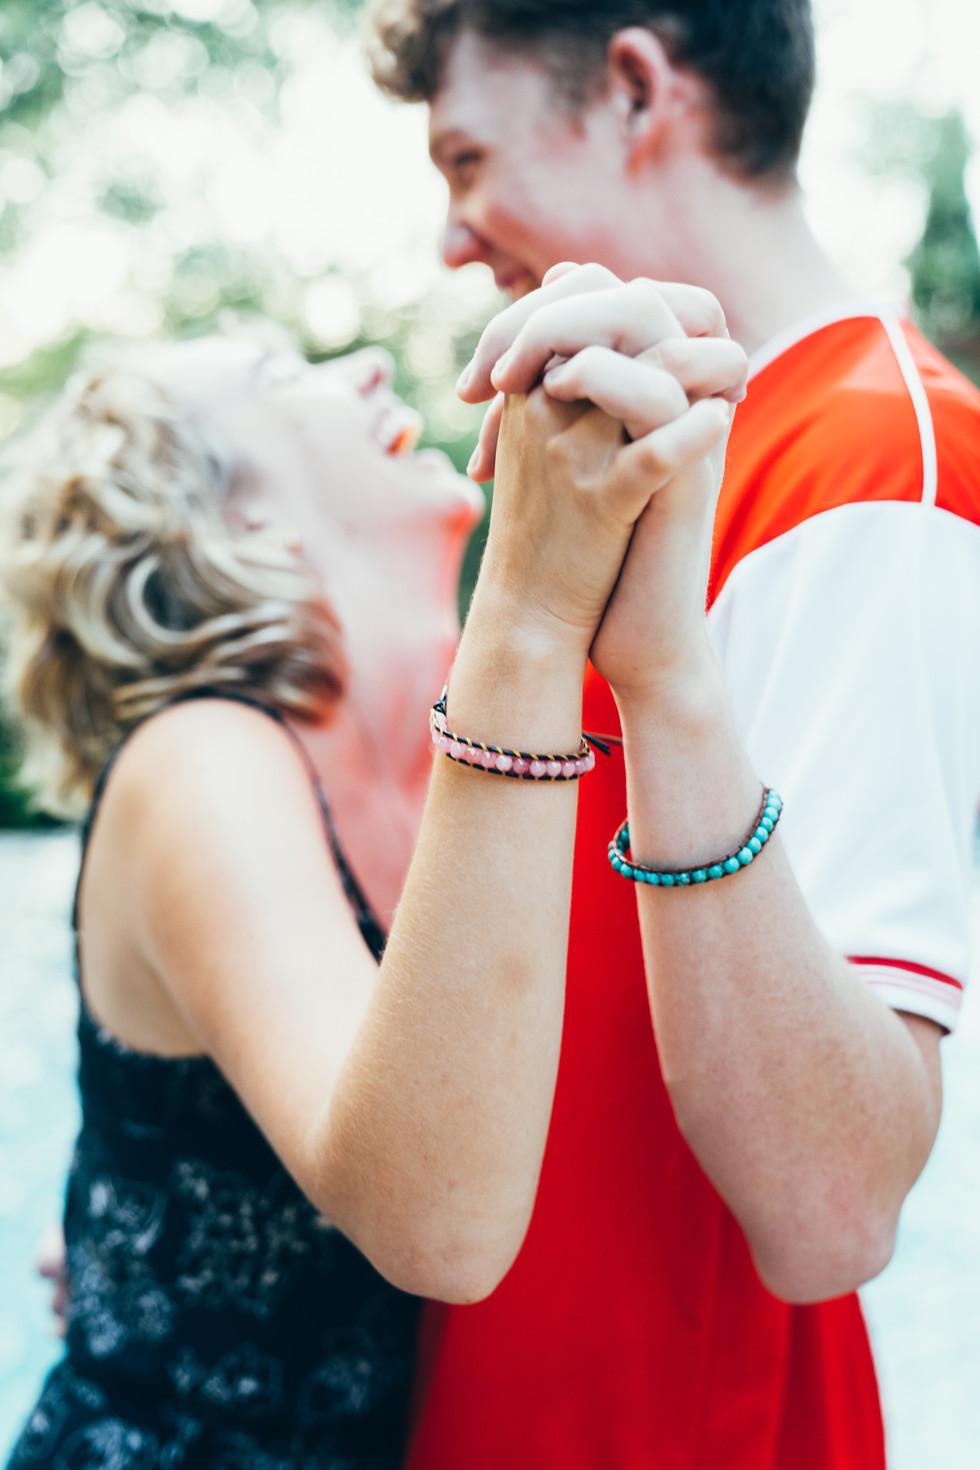 Couple with Bracelets | Product Photography + Styling | Chromatone Studios